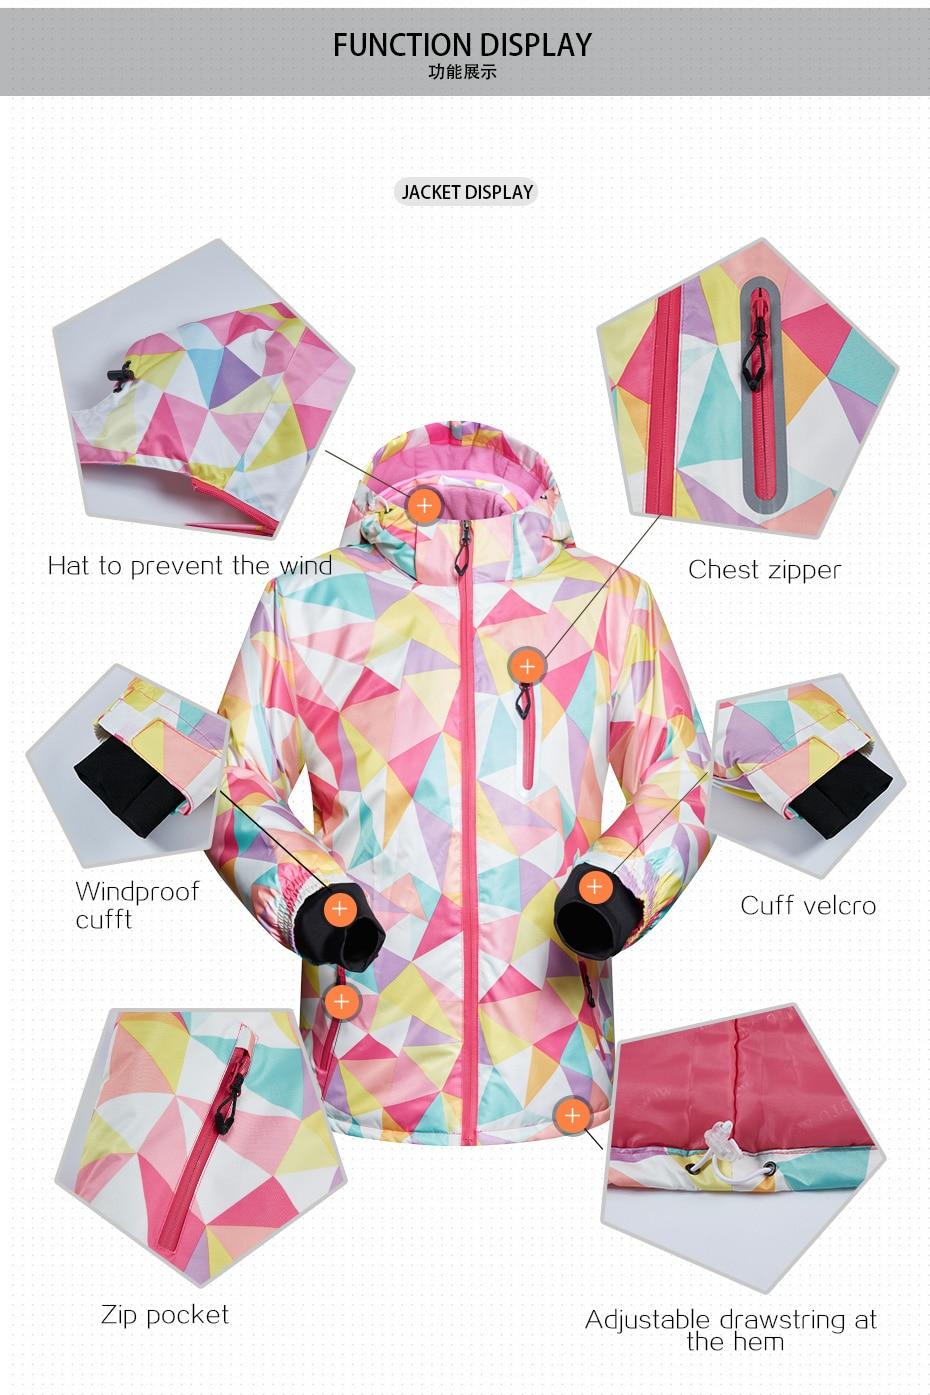 儿童滑雪服套装模板_18